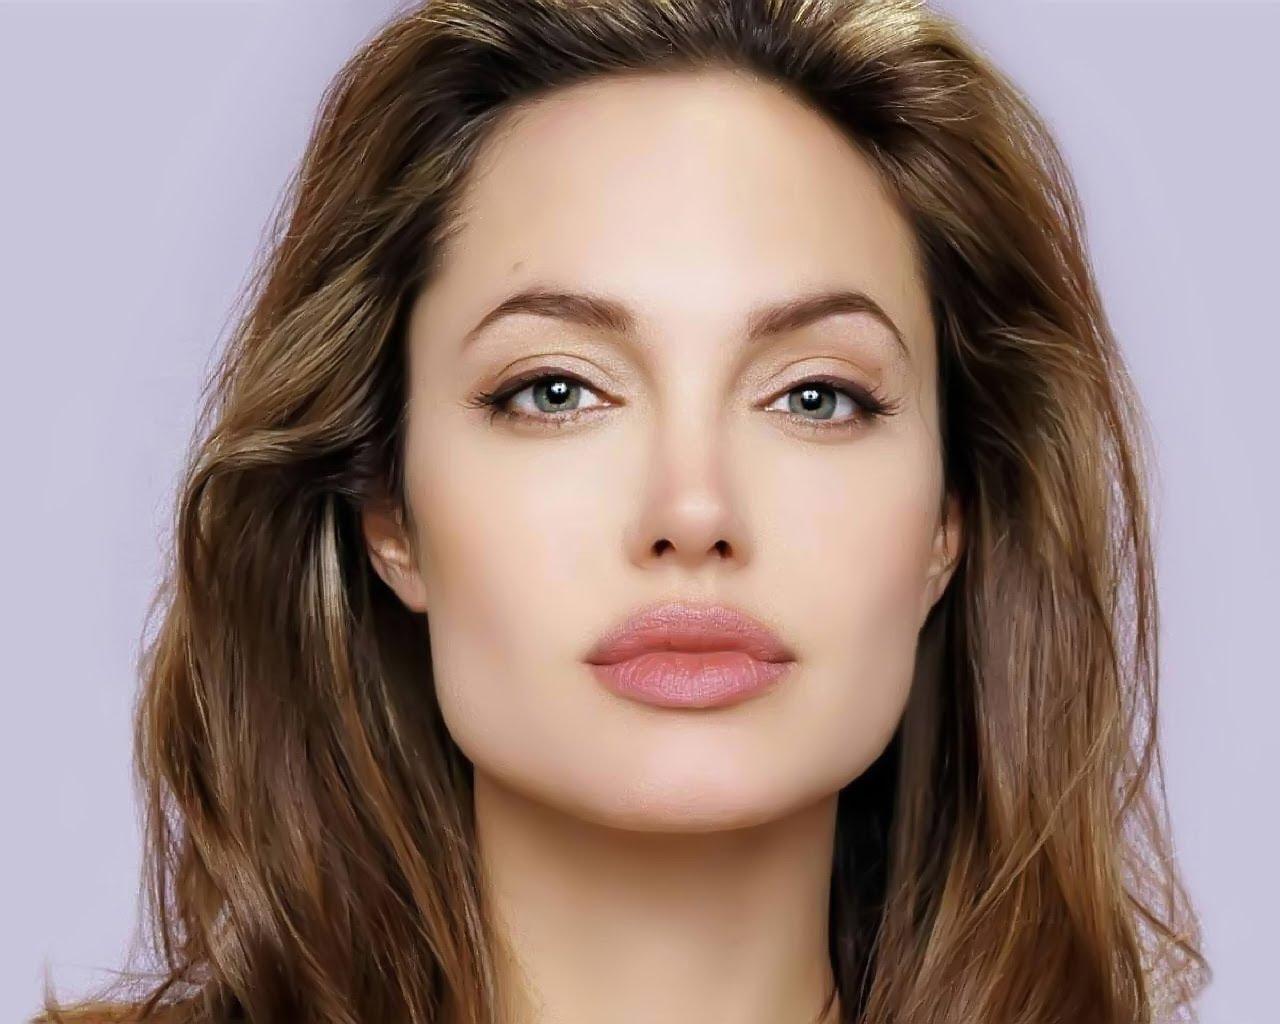 Макияж как у Джоли